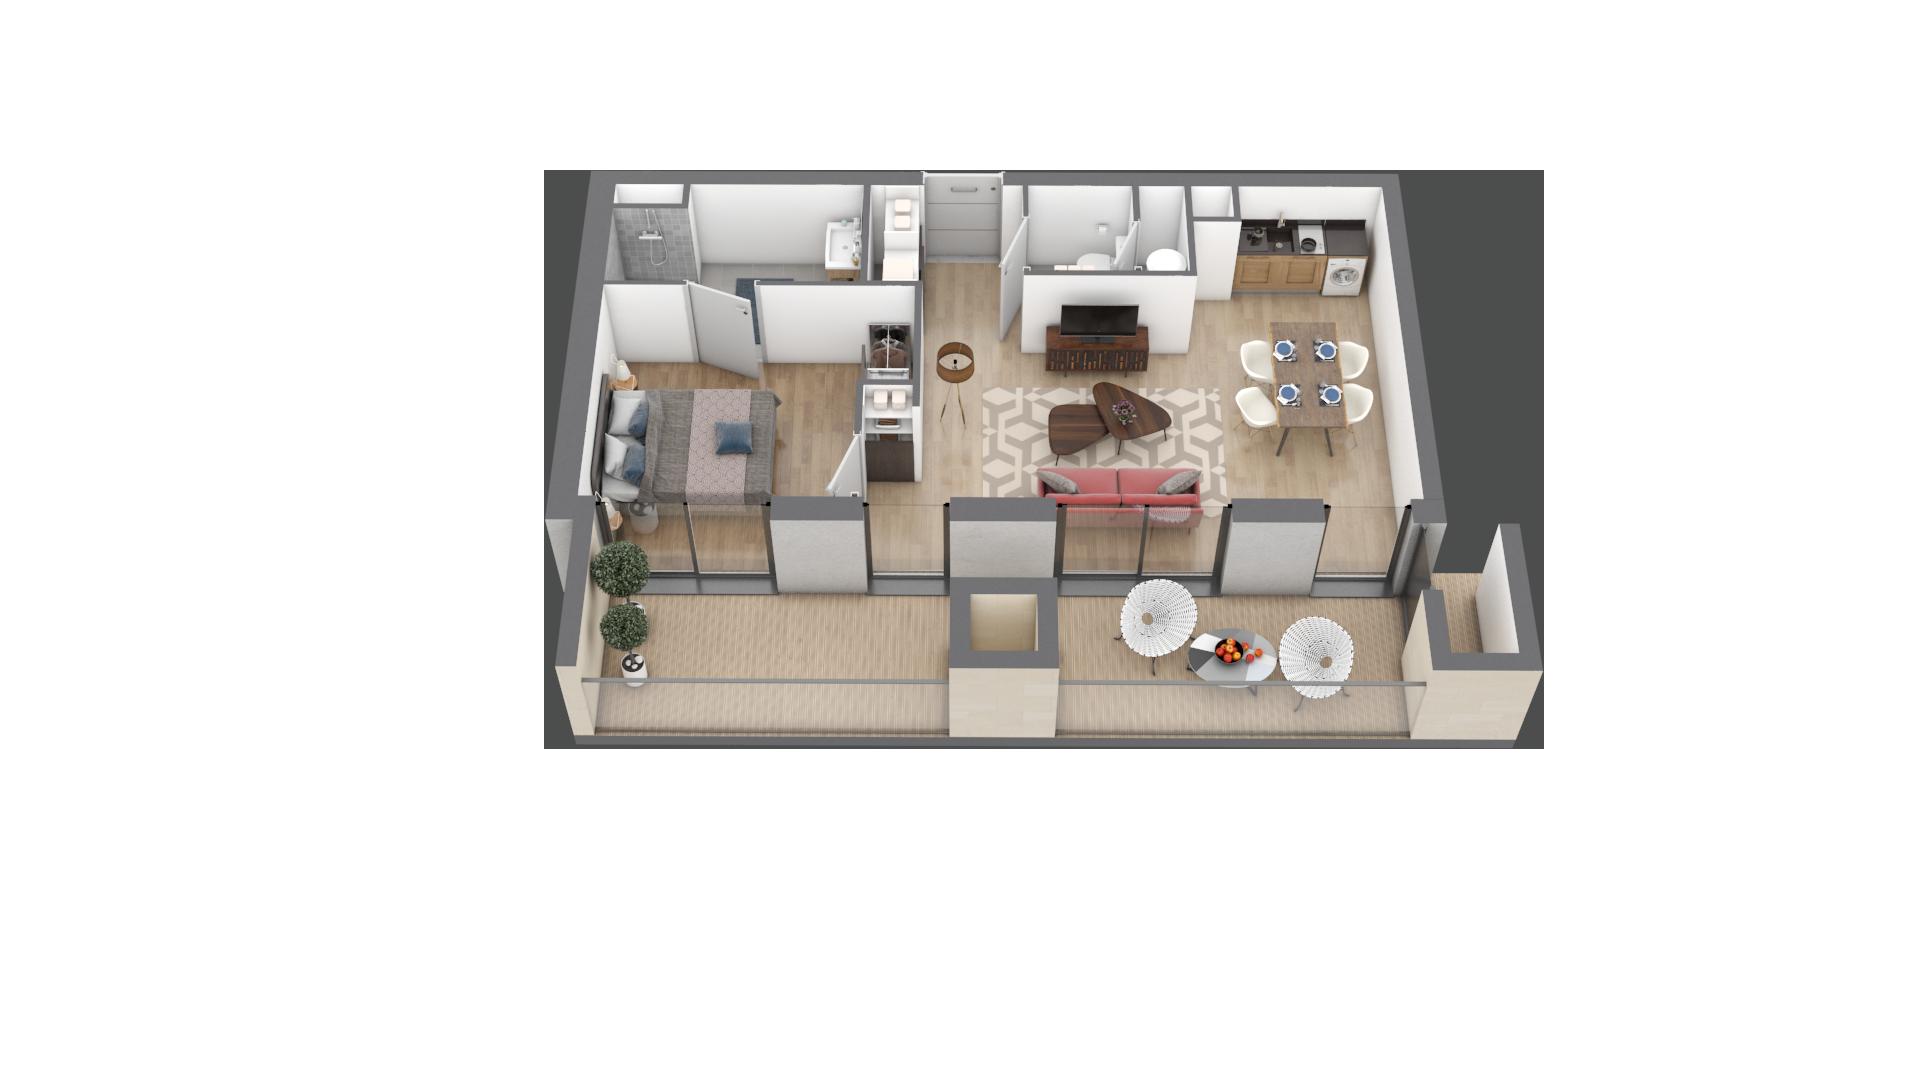 appartement A209 de type T2